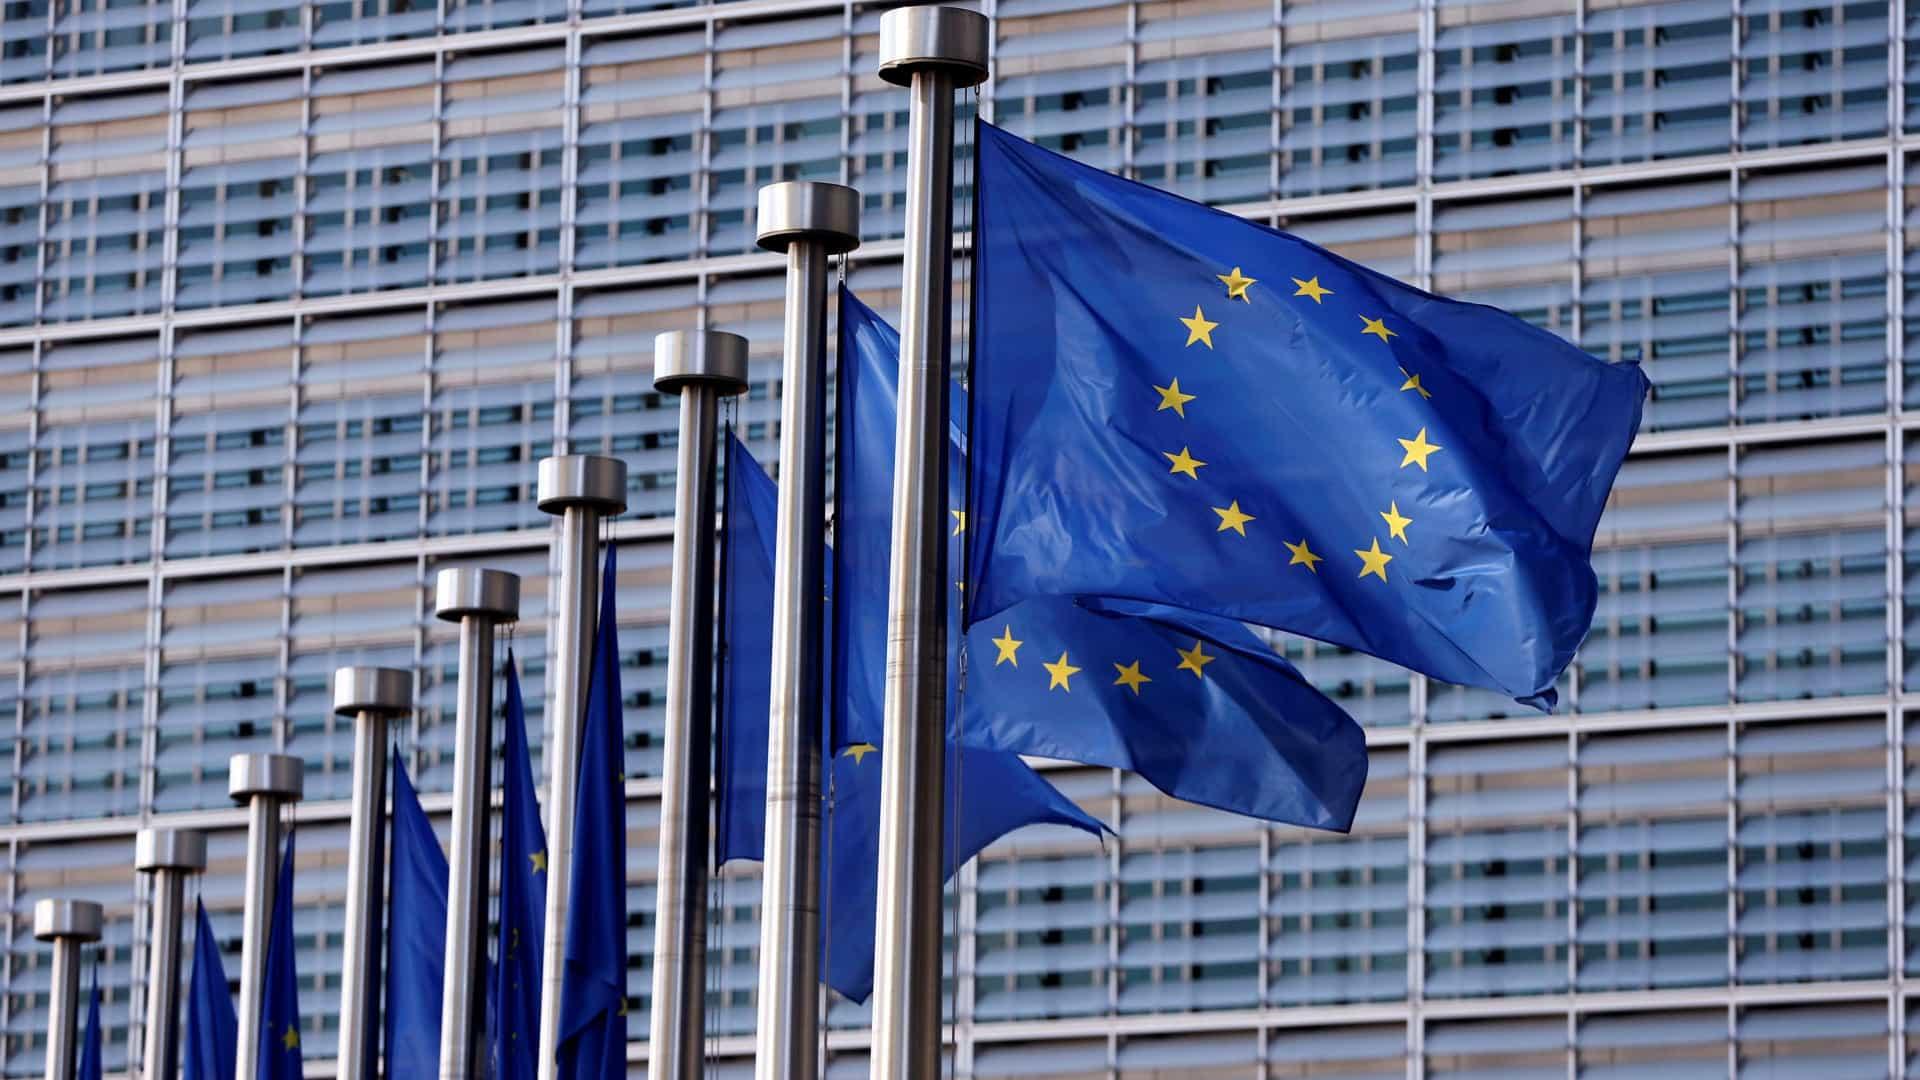 RELATÓRIO DA COMISSÂO SOBRE O ESTADO DE DIREITO NA UE APONTA FALHAS AO SISTEMA JUDICIAL PORTUGUÊS